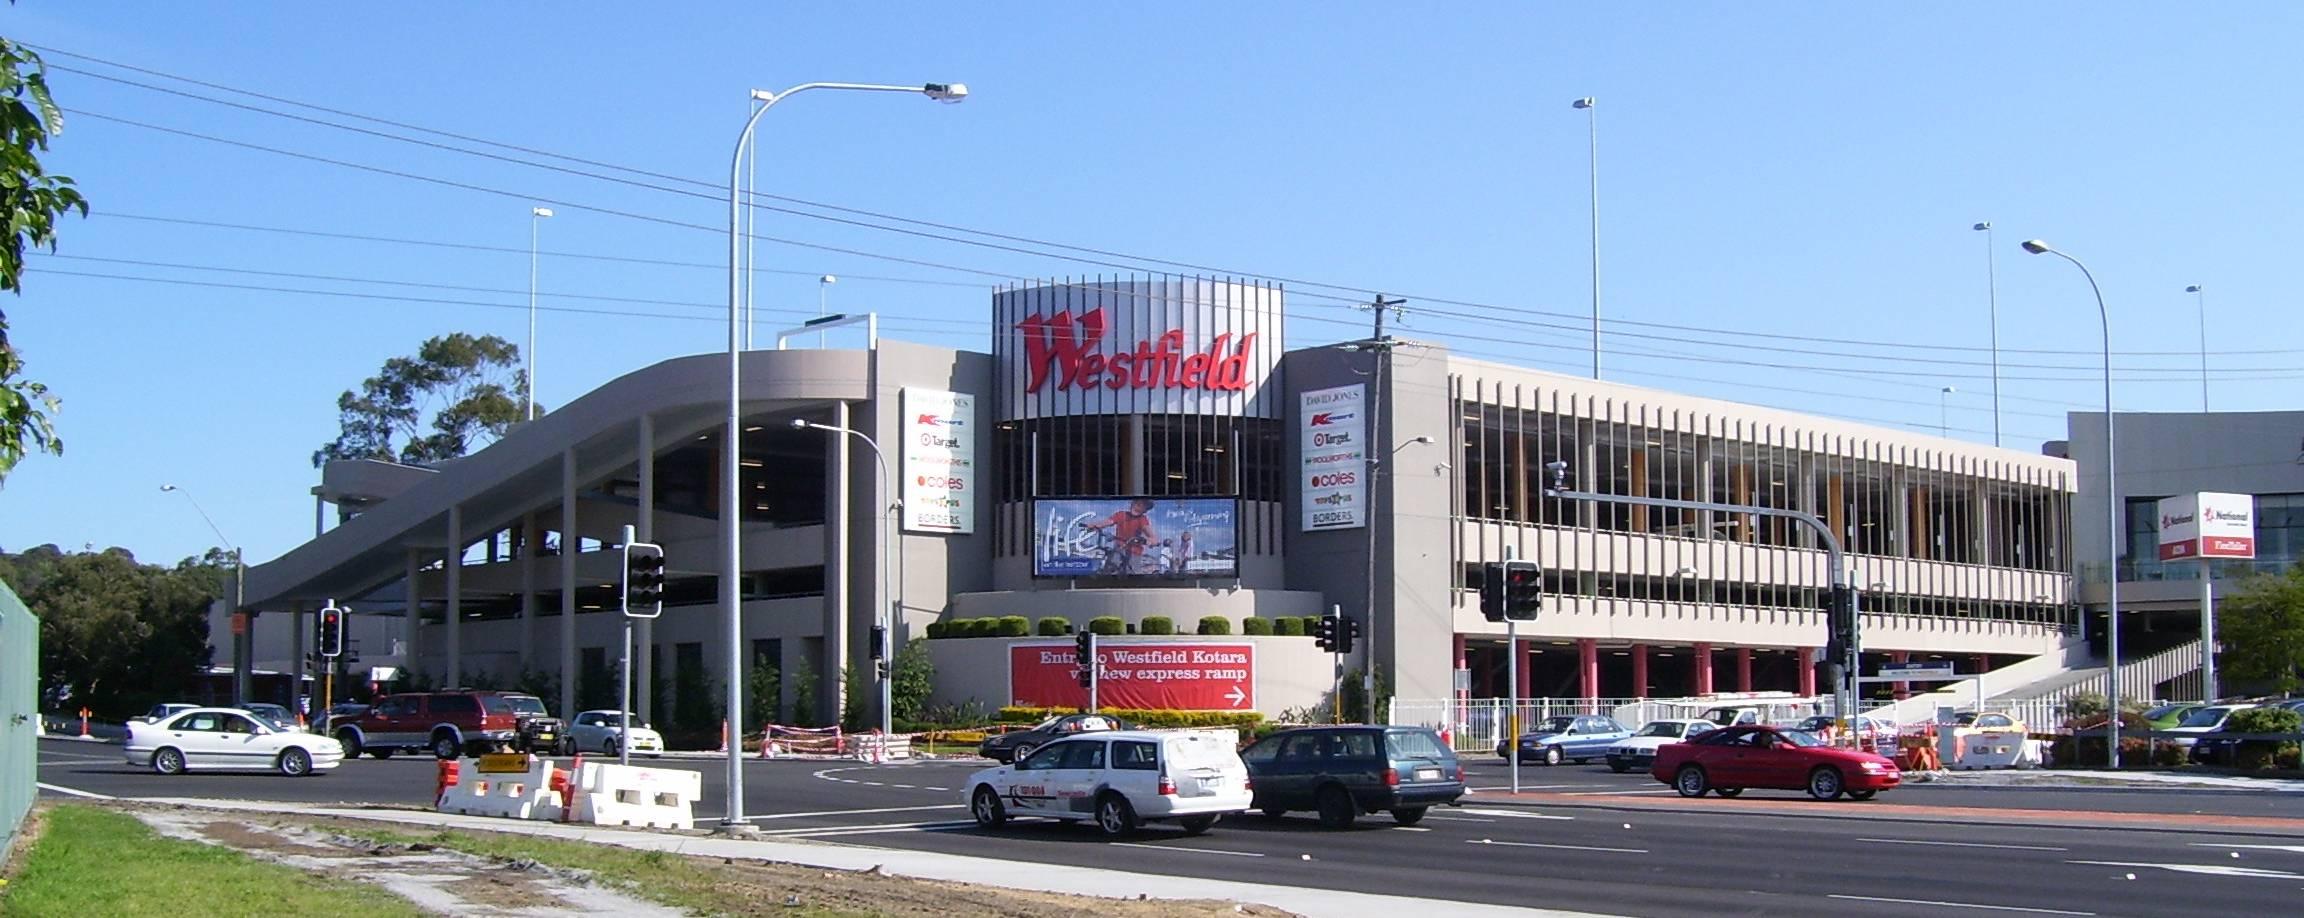 westfield - photo #6